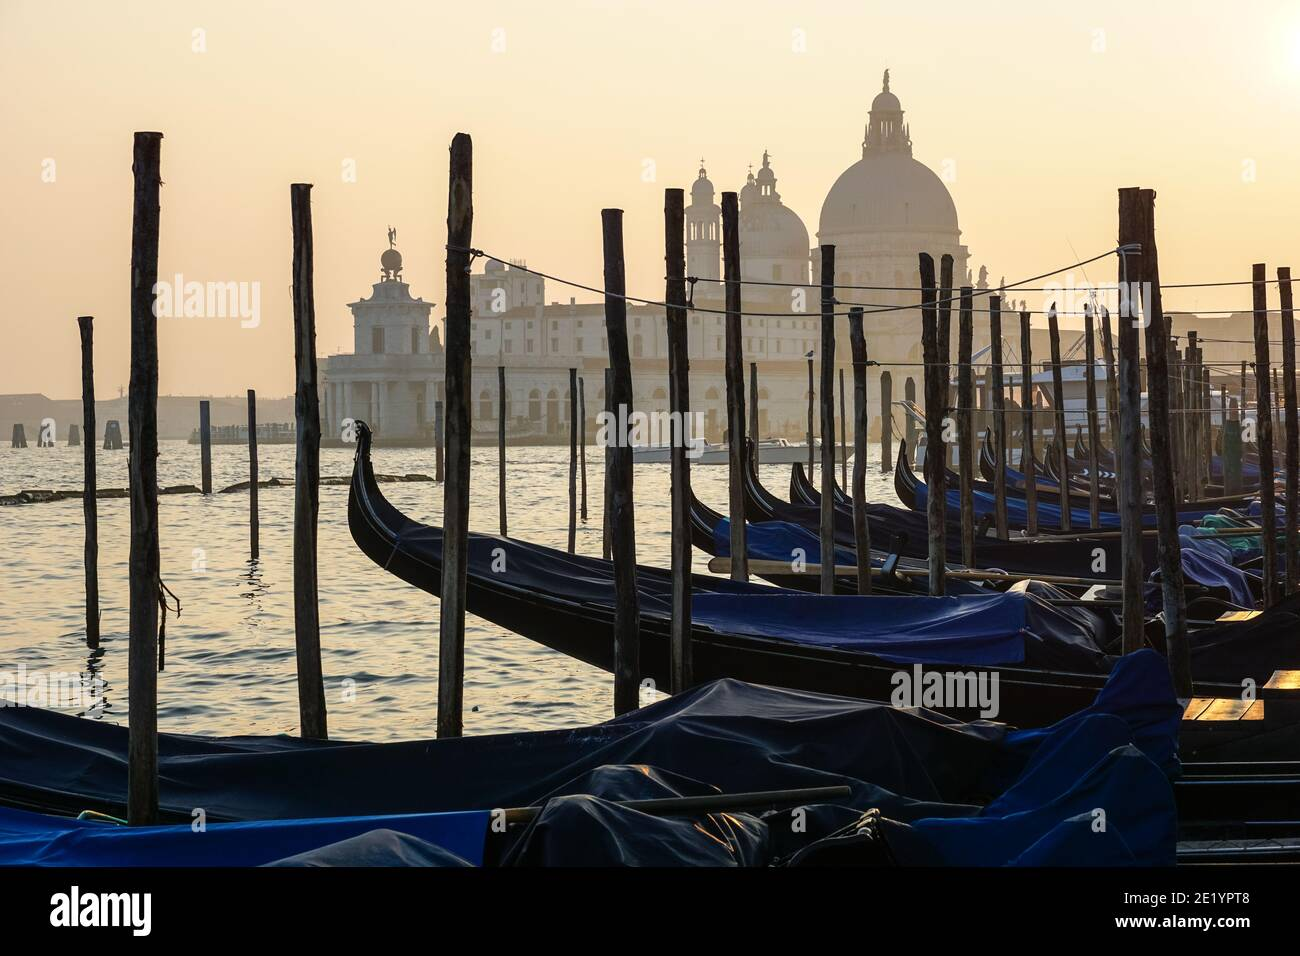 Venezianische Gondel bei Sonnenuntergang, Gondeln in Venedig mit Santa Maria della Salute Basilika im Hintergrund, Italien Stockfoto